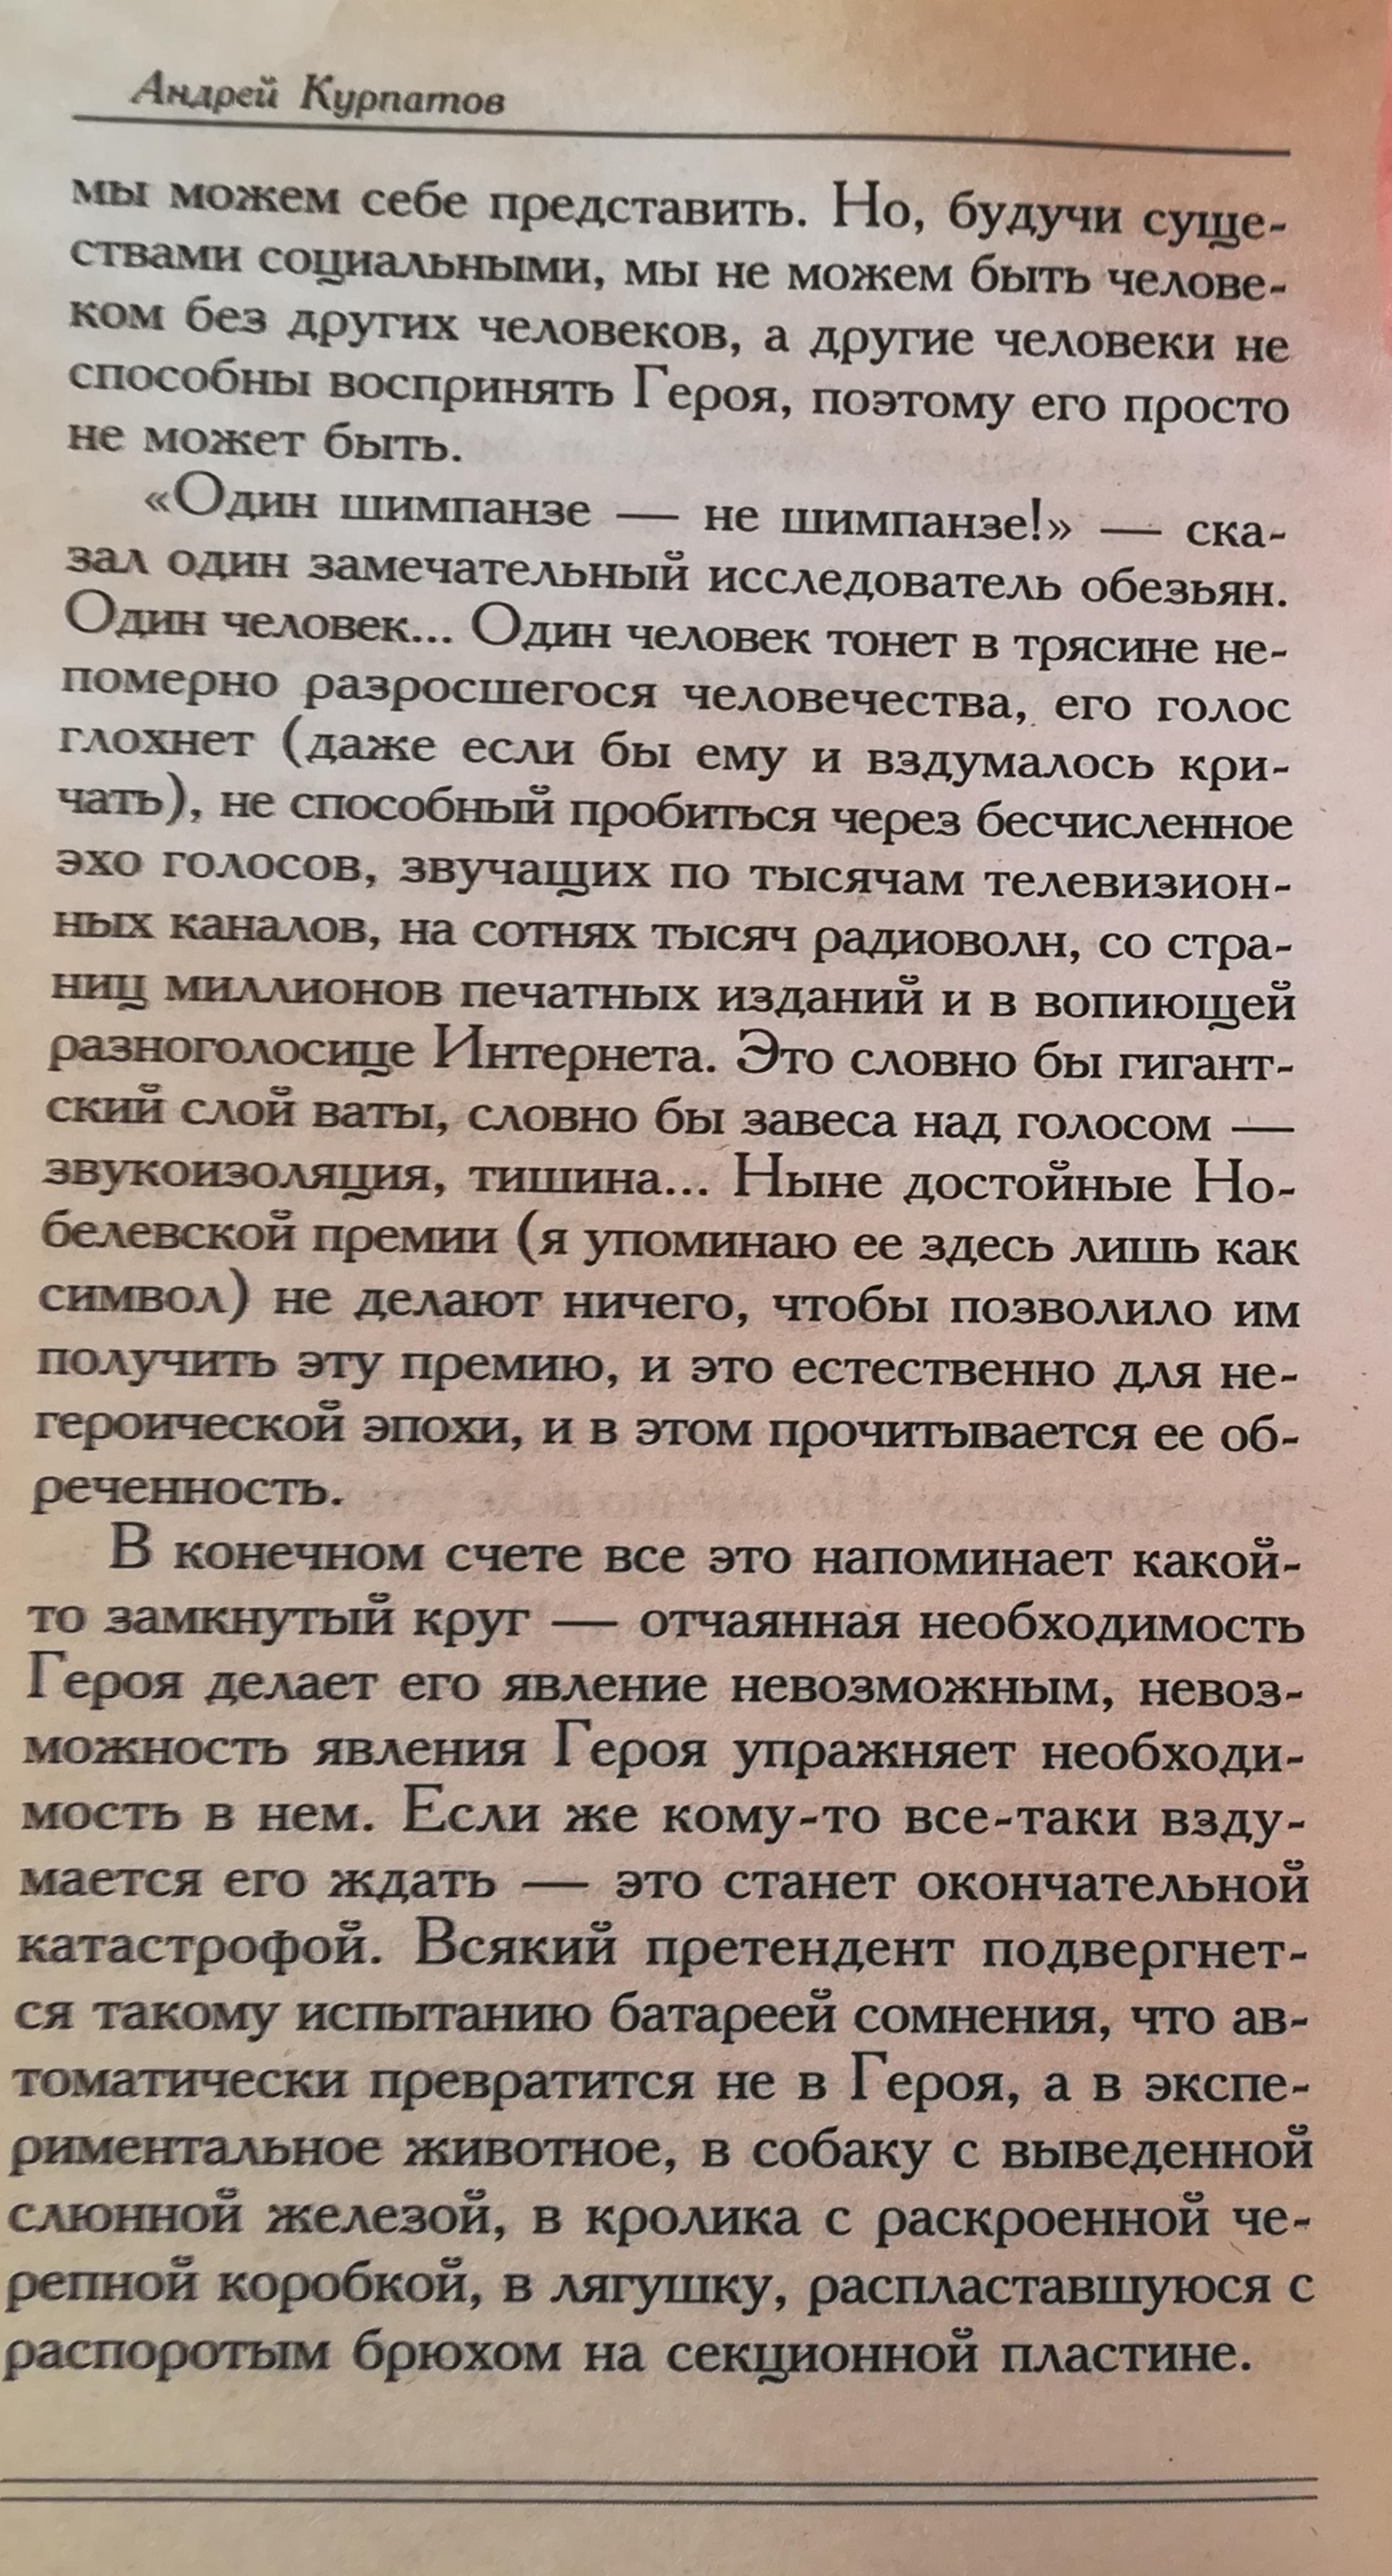 Andresi Kurpatovi eneseabi filosoofias  Kurpatov_152